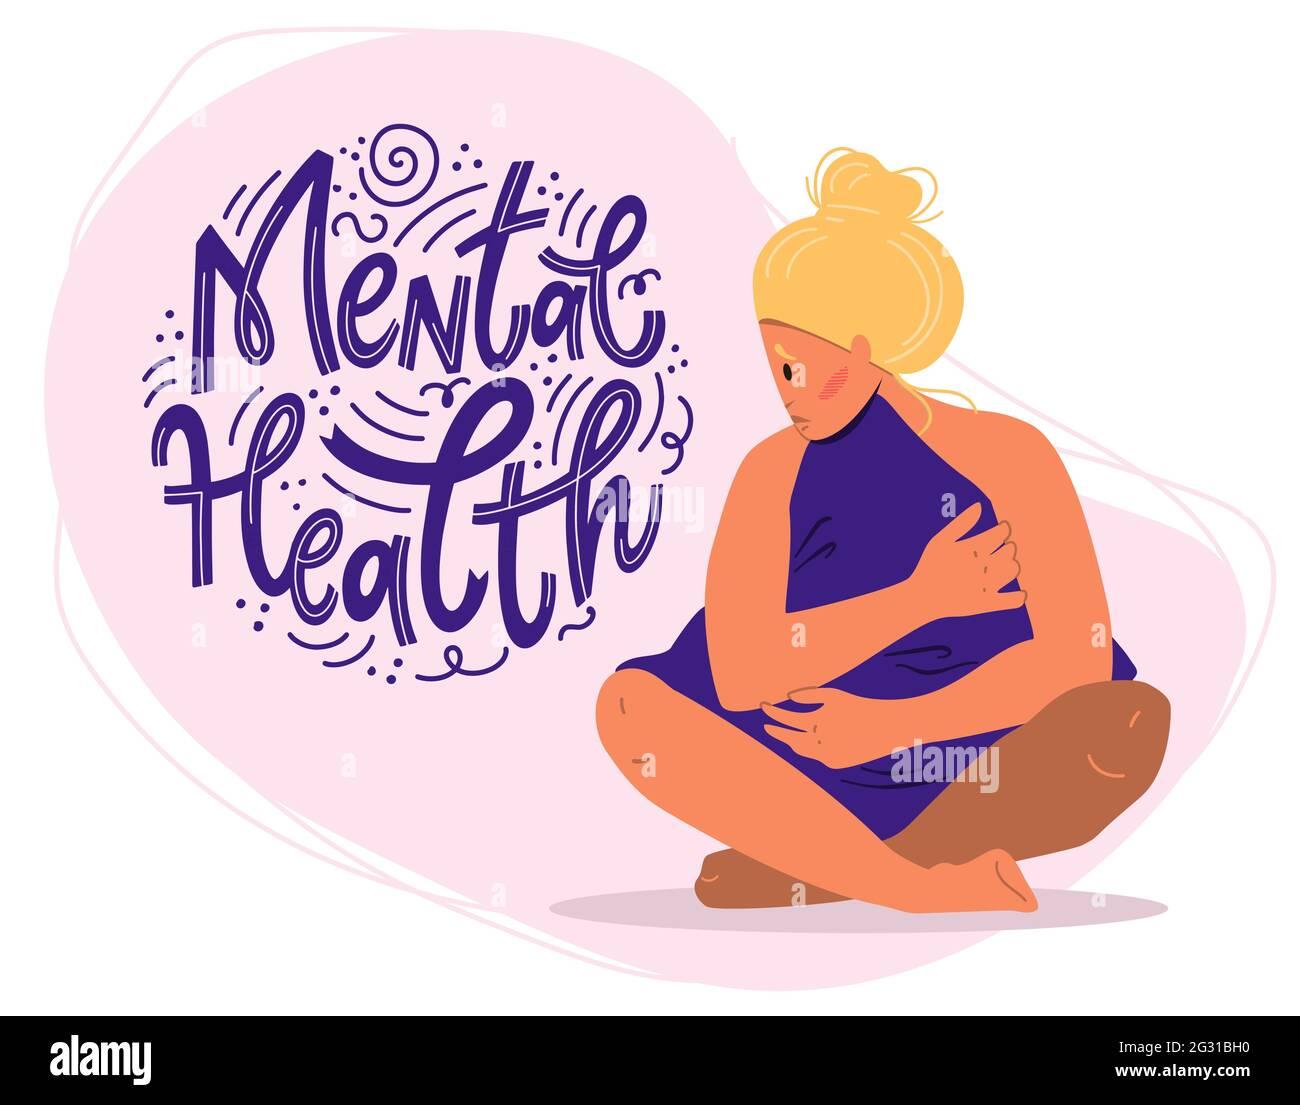 Concept de santé mentale. Triste femme avec la dépression assis sur le sol. Illustration vectorielle colorée de style dessin animé plat. Illustration de Vecteur